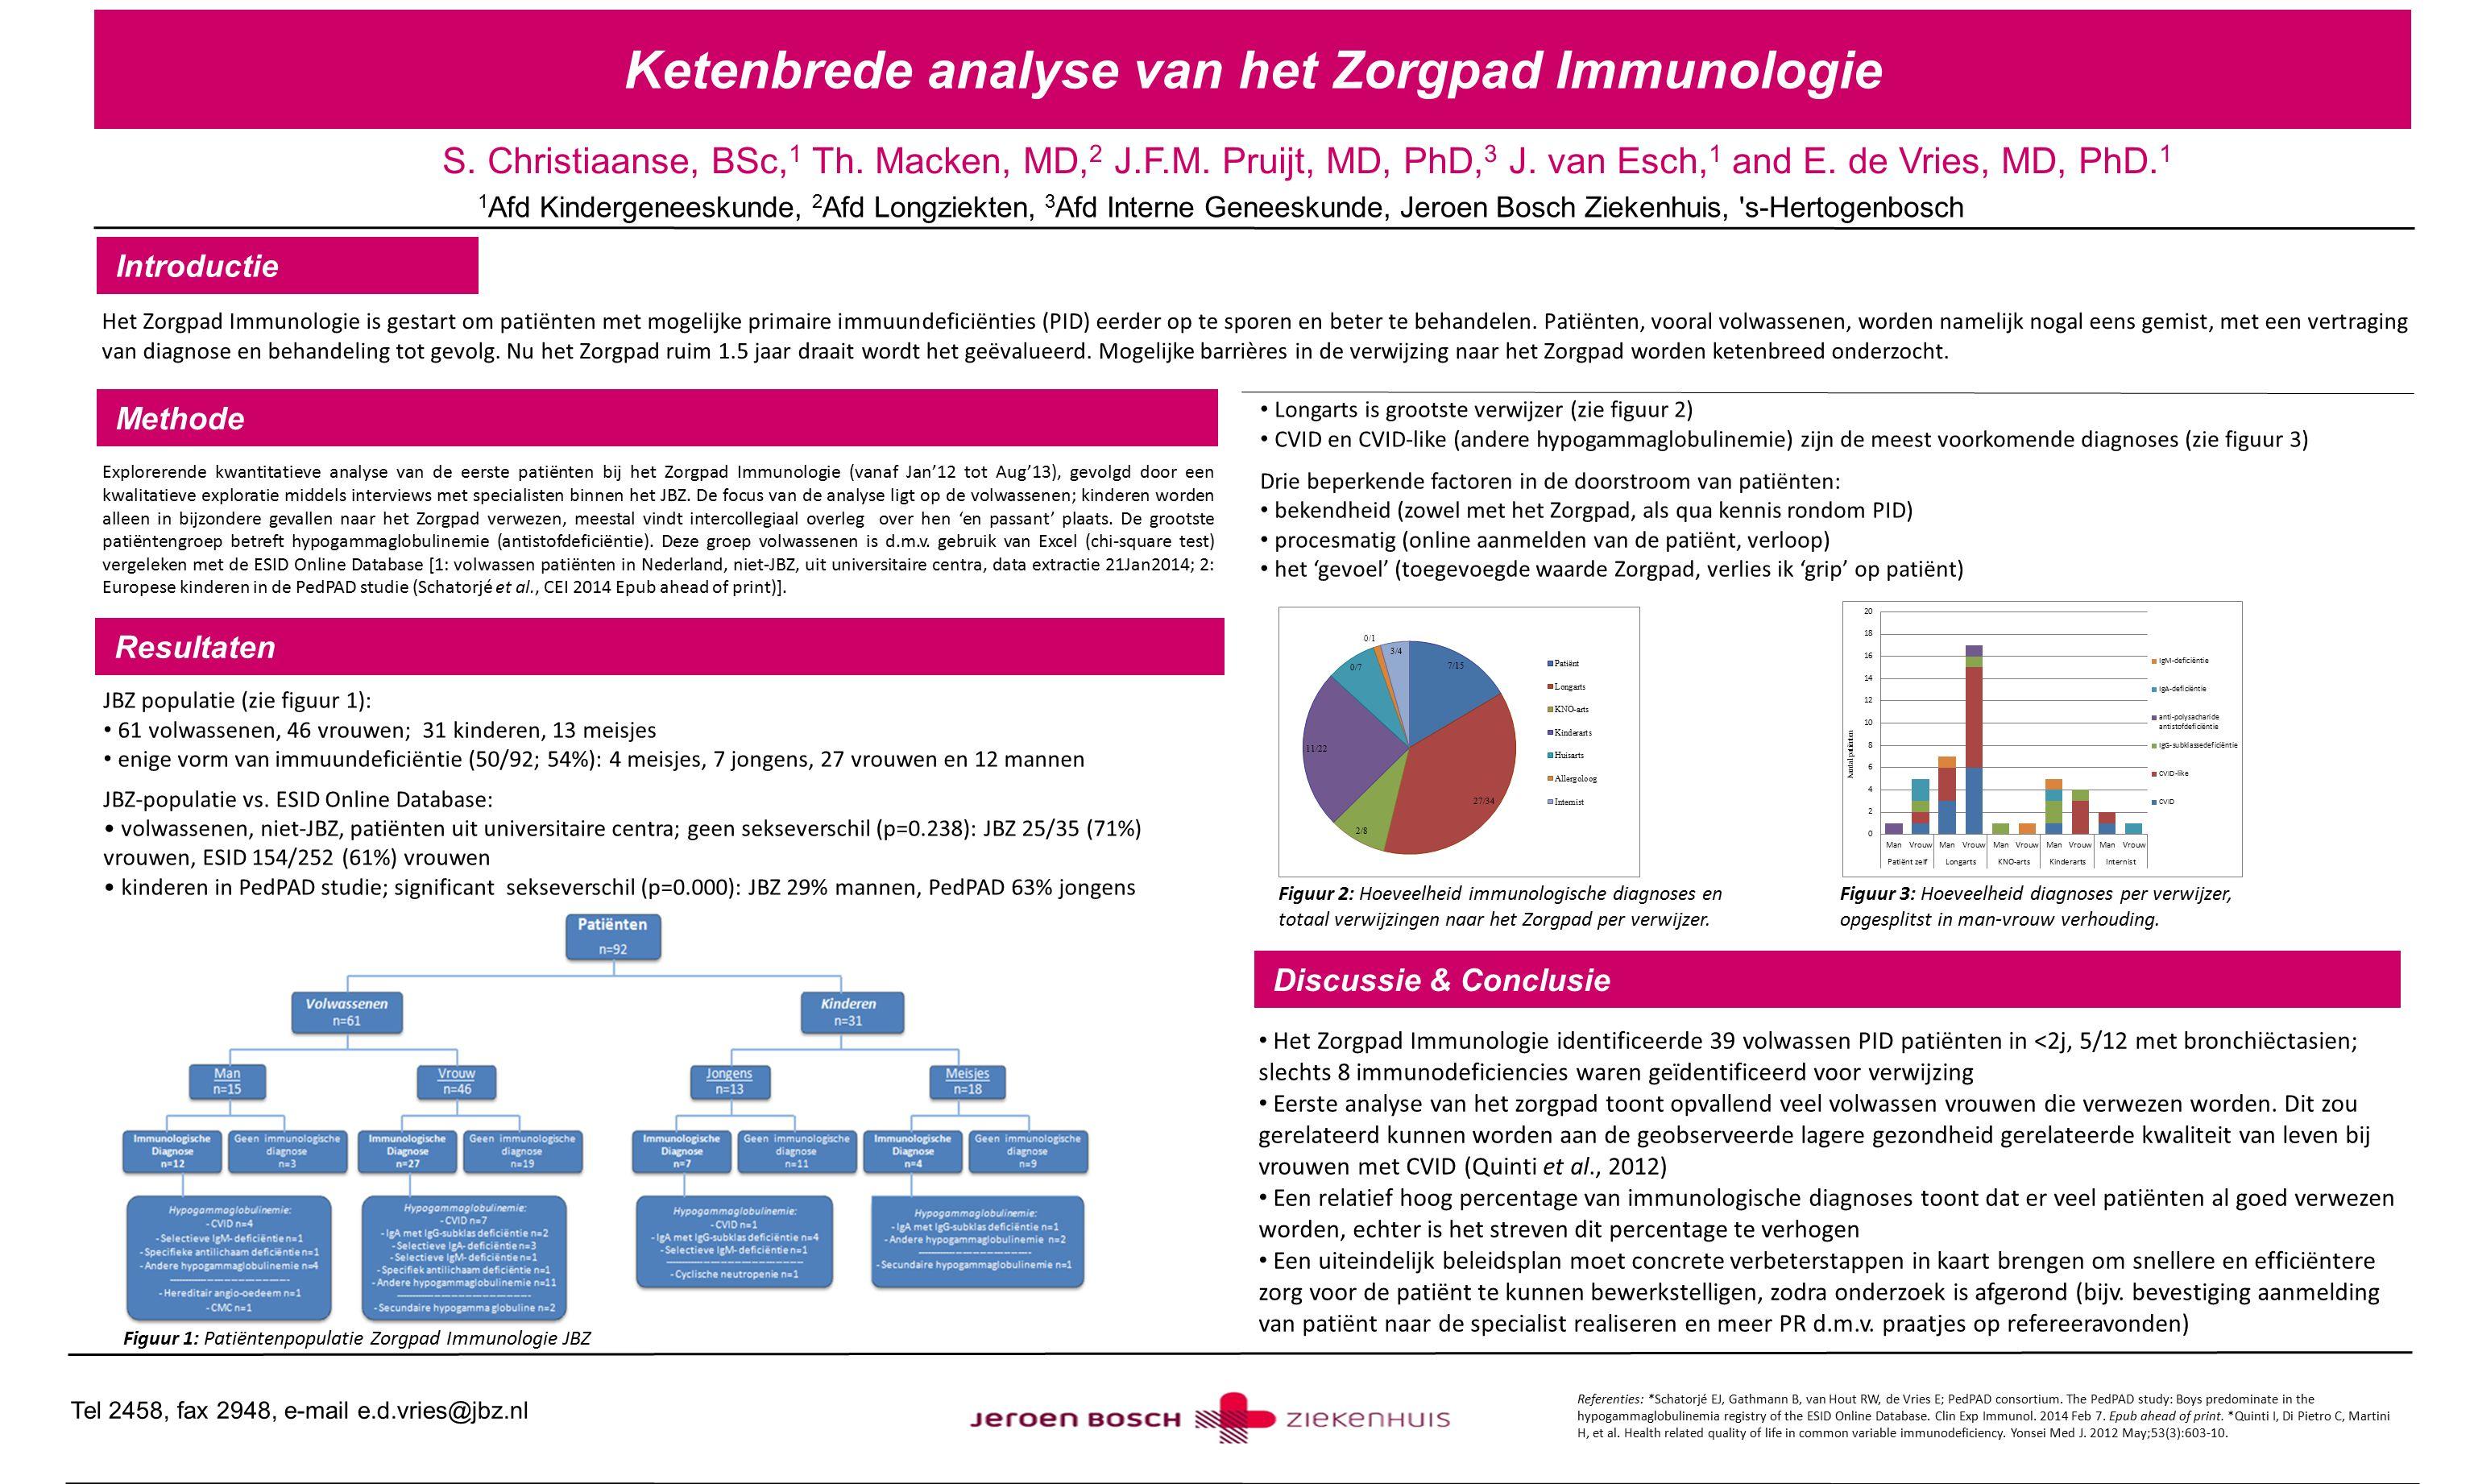 Ketenbrede analyse van het Zorgpad Immunologie S. Christiaanse, BSc, 1 Th. Macken, MD, 2 J.F.M. Pruijt, MD, PhD, 3 J. van Esch, 1 and E. de Vries, MD,